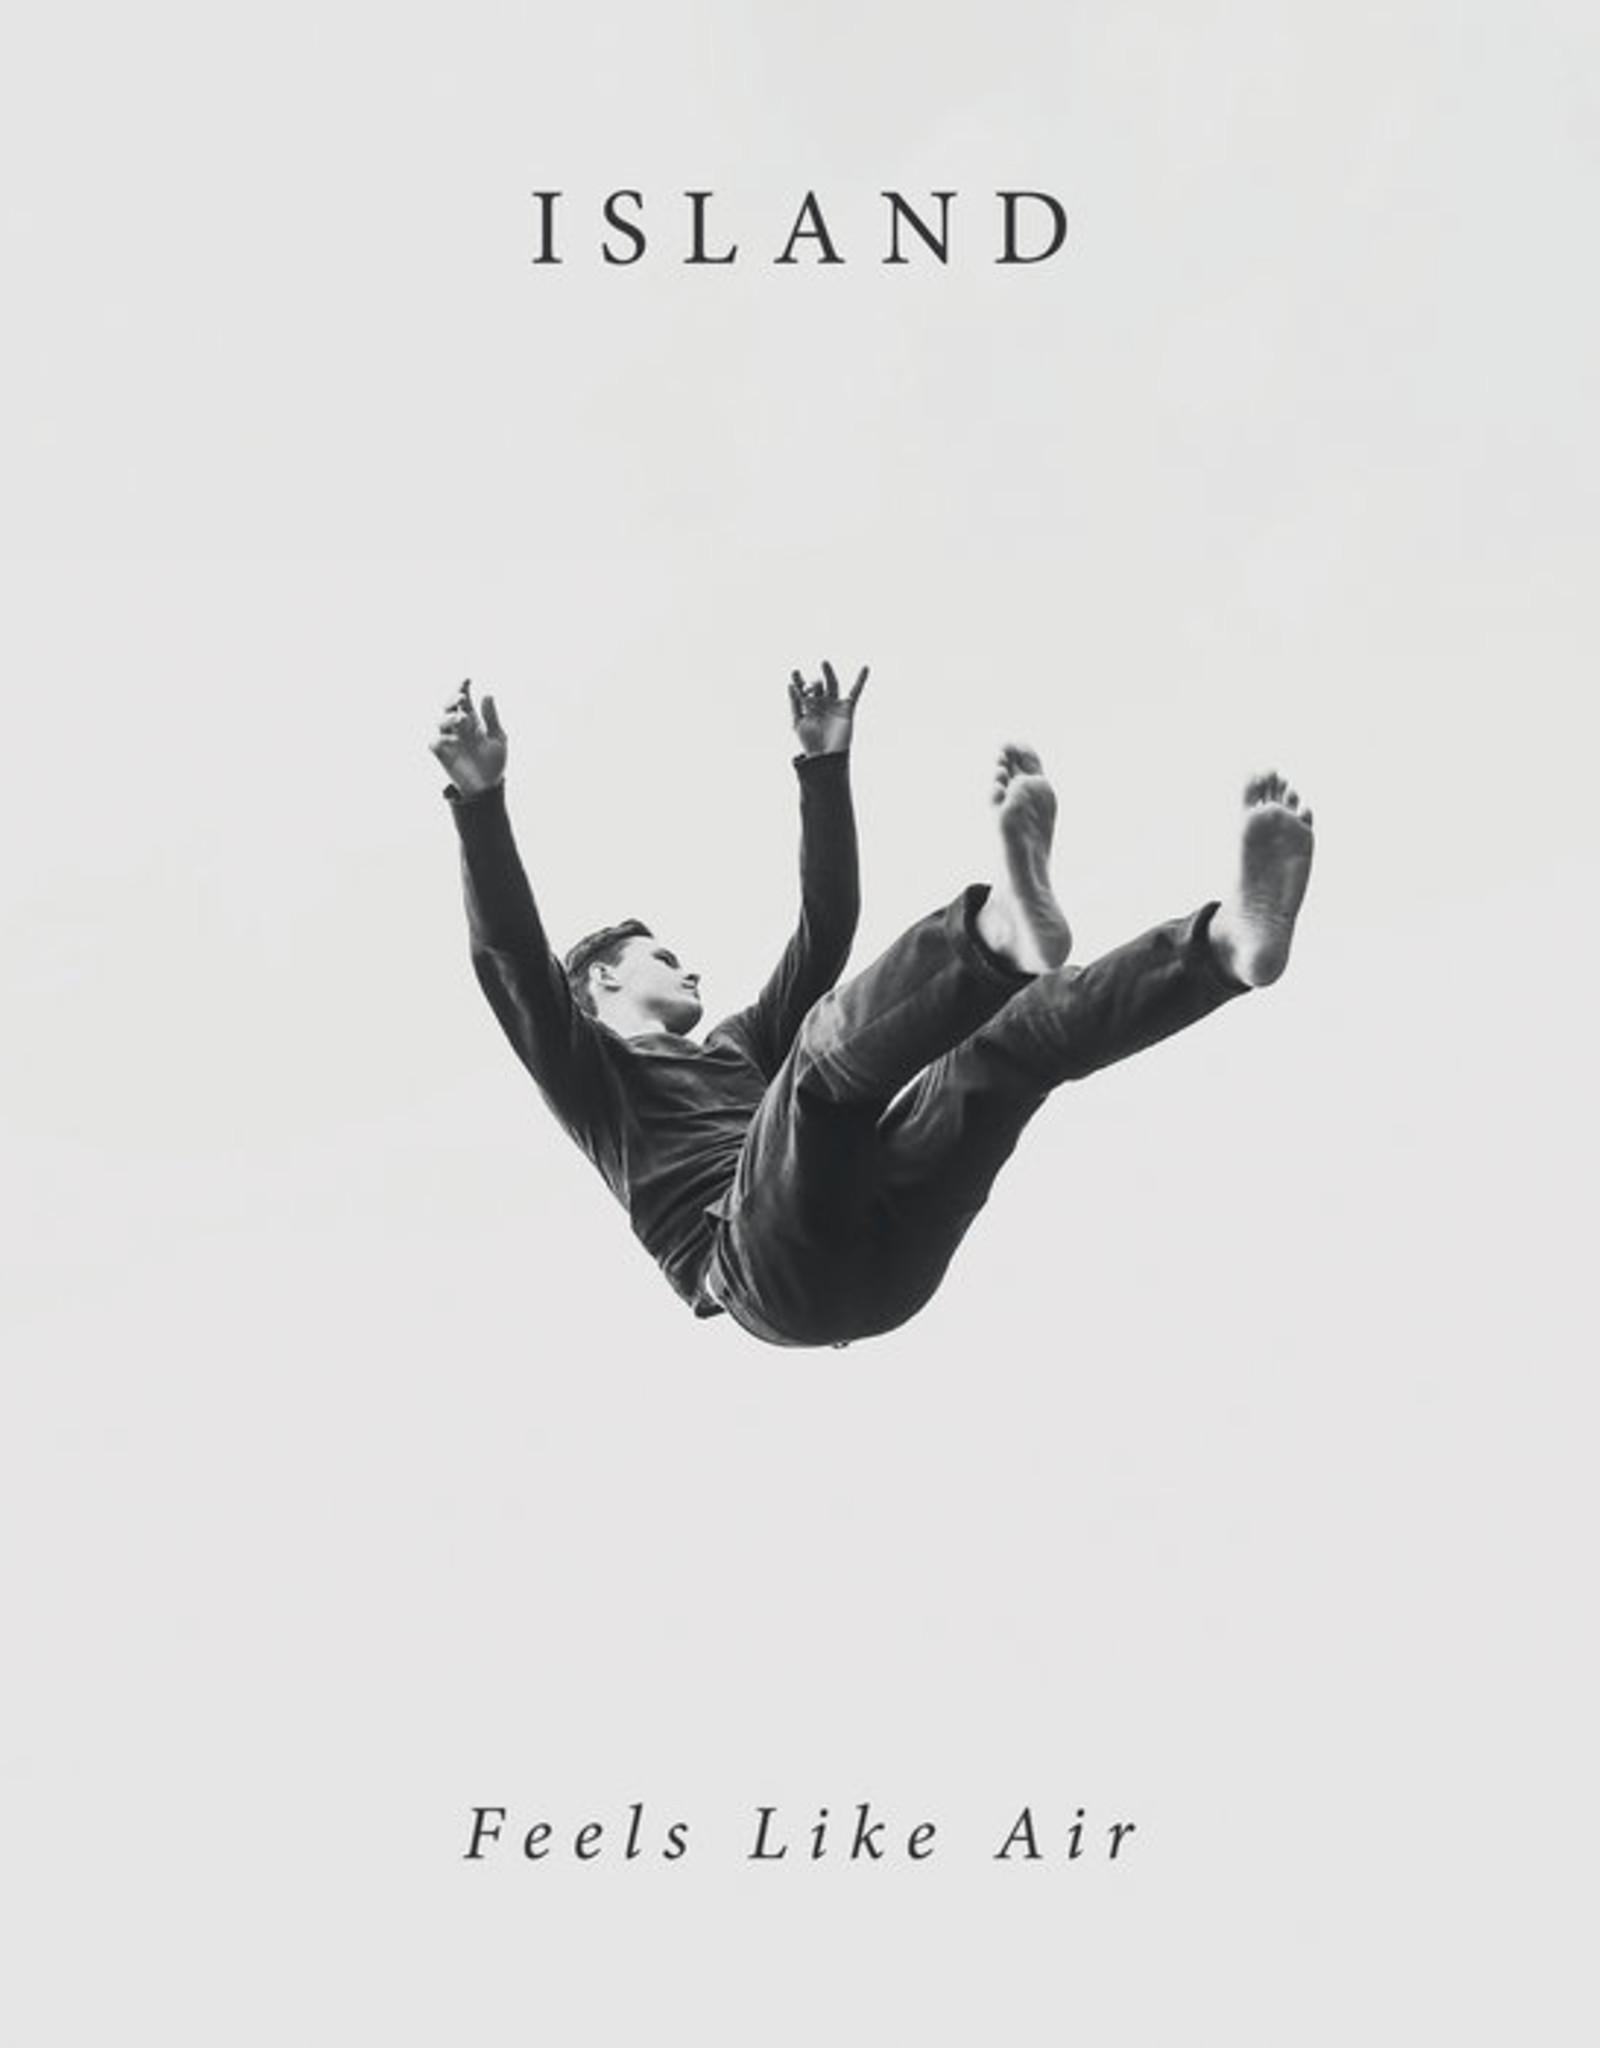 Islands - Feels Like Air